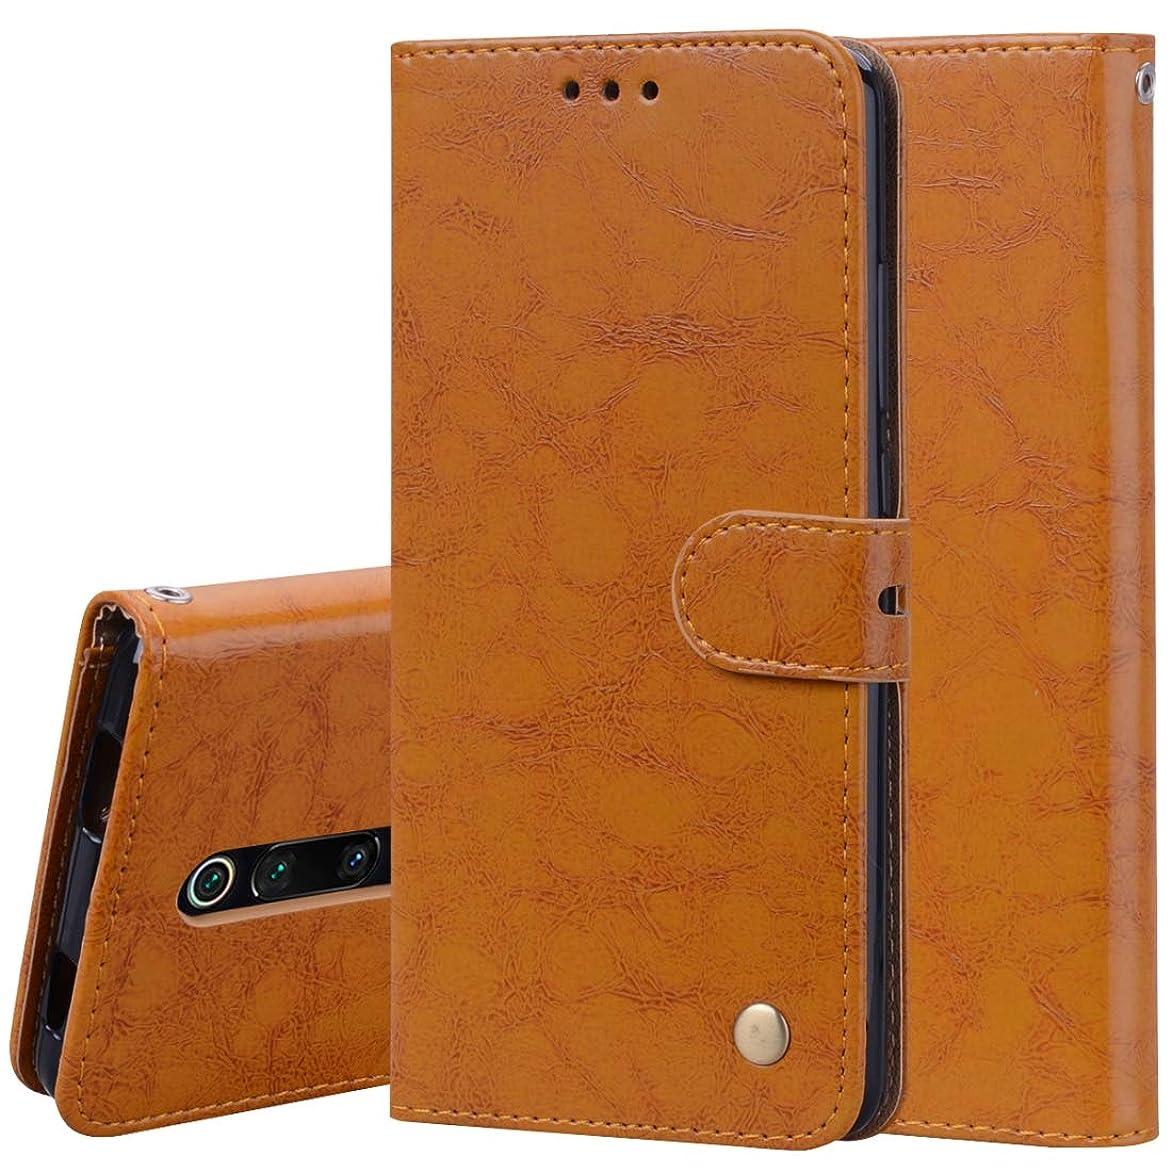 訪問口スツールホルダー&カードスロット&財布と小米科技Redmi K20 / K20プロビジネススタイルのオイルワックステクスチャ水平フリップレザーケースのための携帯電話ケース、 brand:TONWIN (Color : Brown)